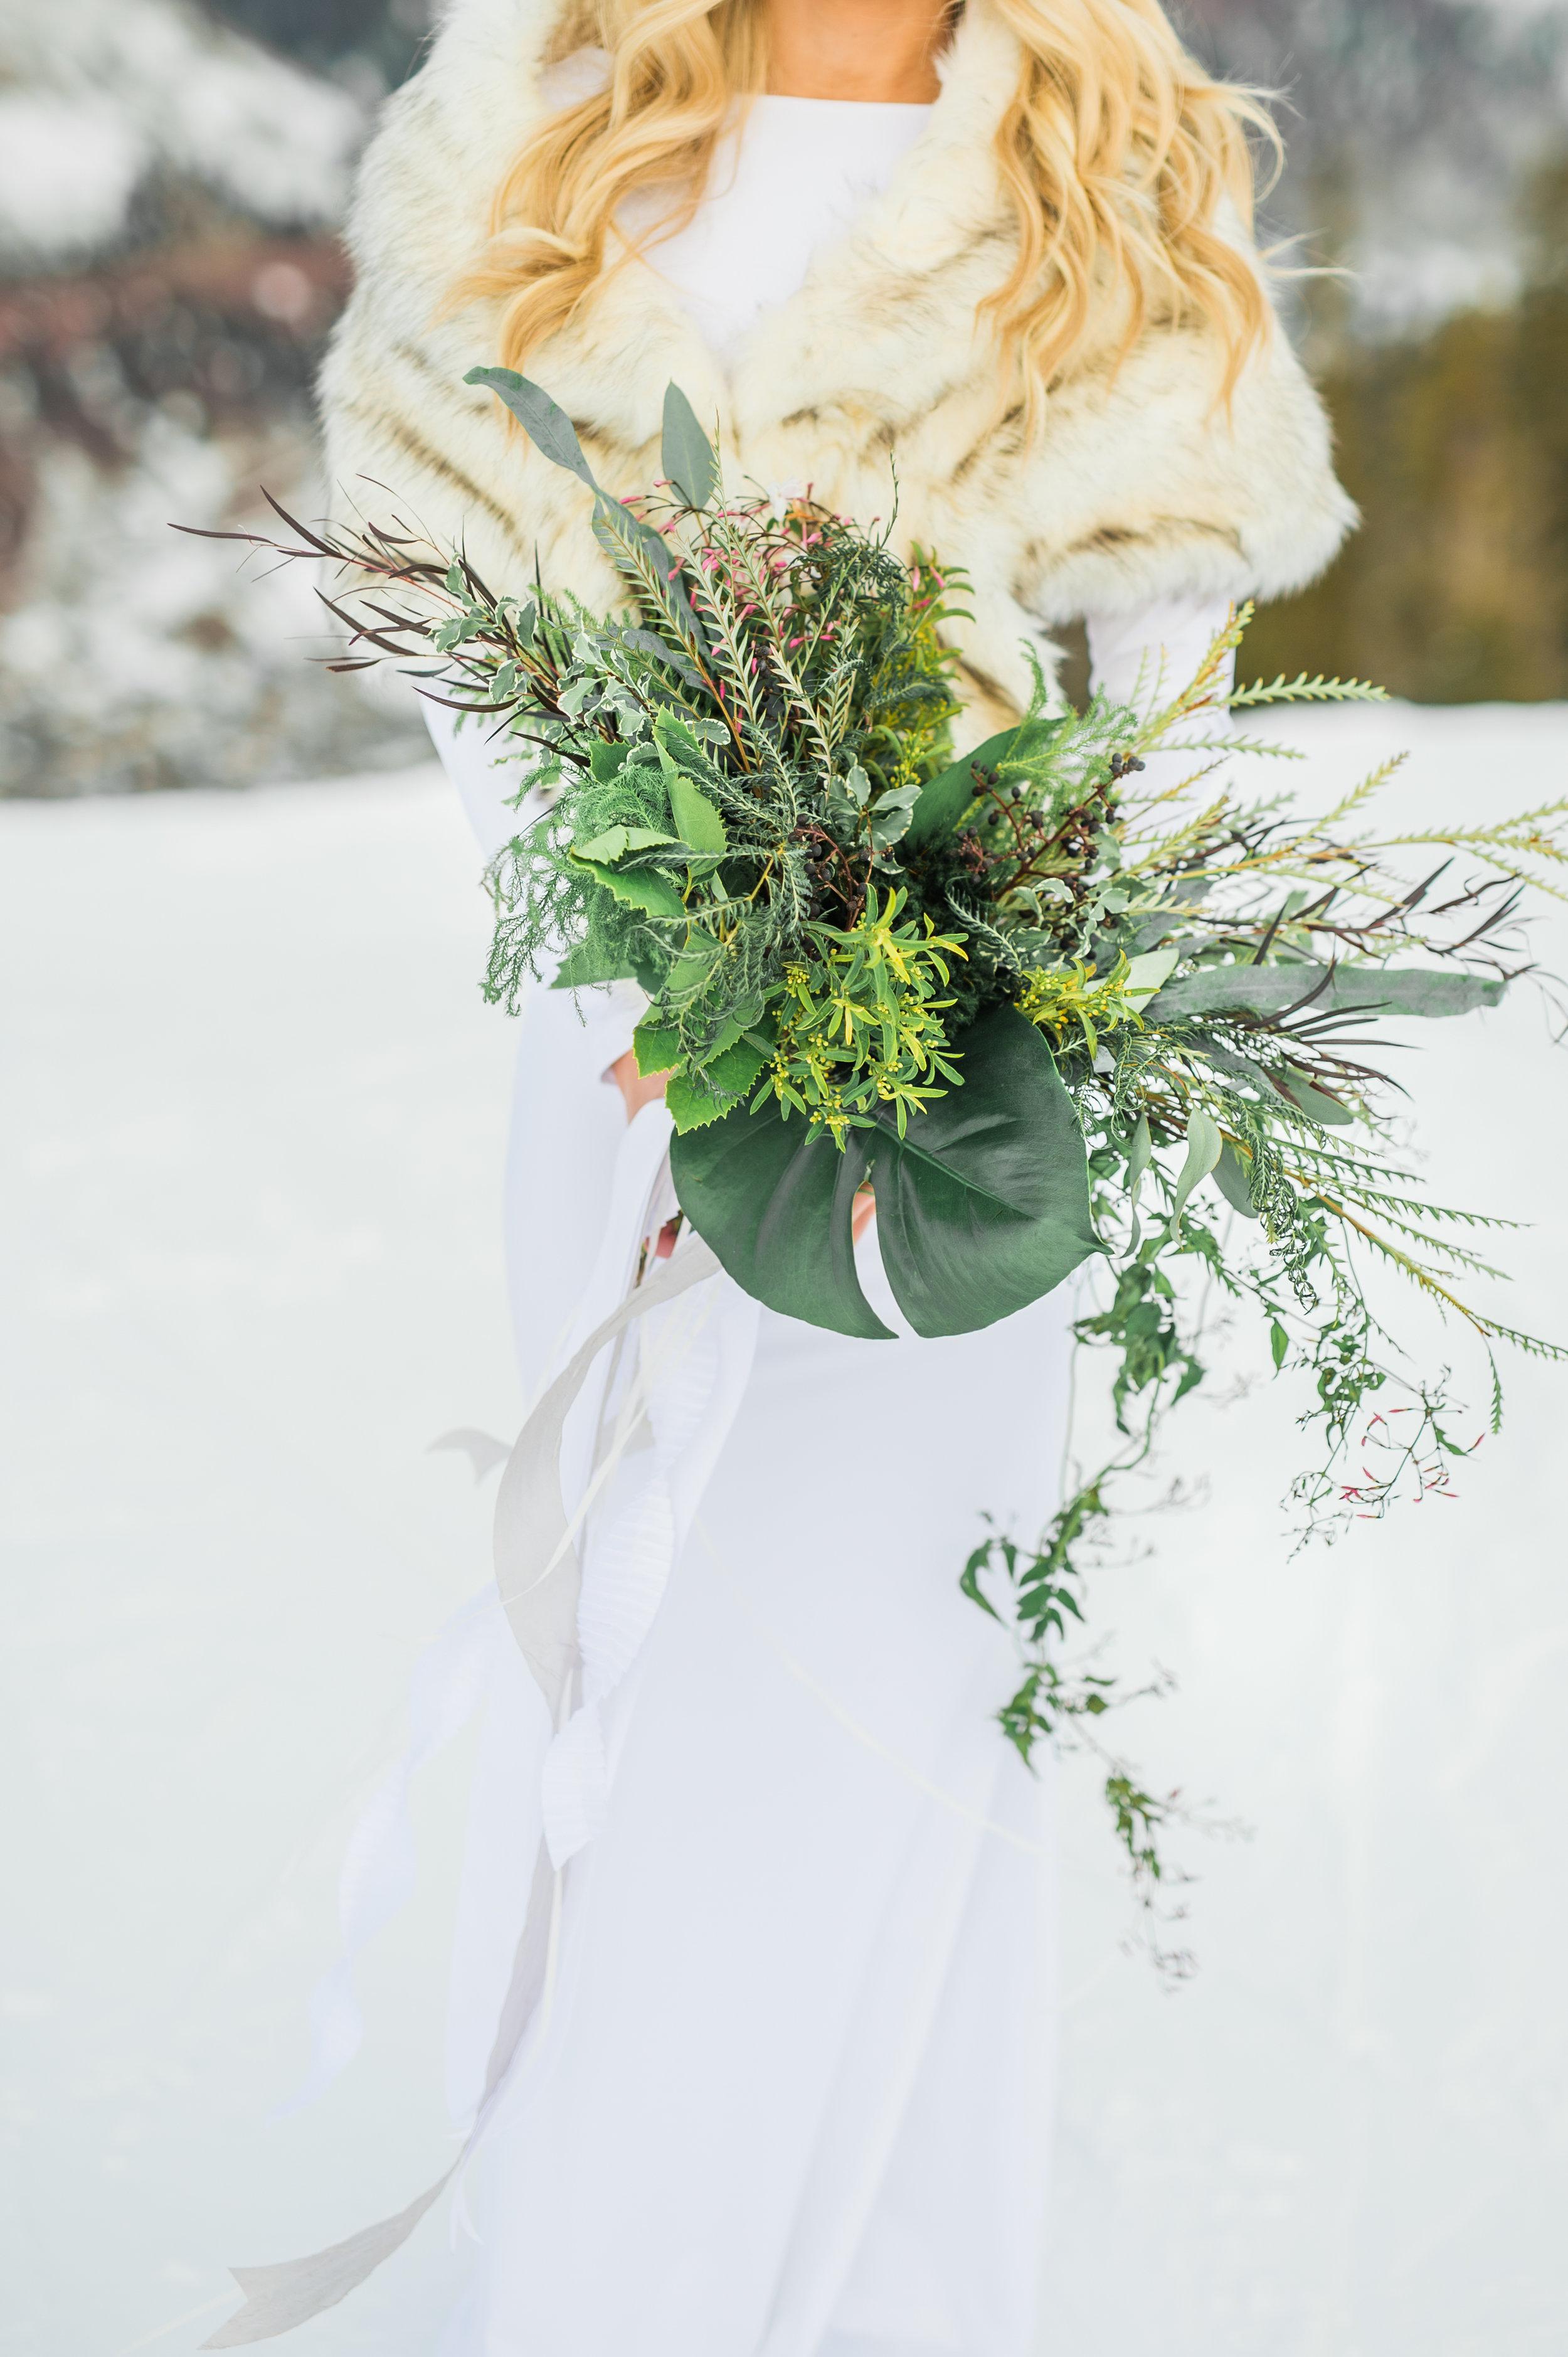 bridal bouquet Parie designs green wedding, green bouquet featuring Grevillea, Jasmine, seeded Eucalyptus, Elkhorn Moss, Assorted Chilean Ferns